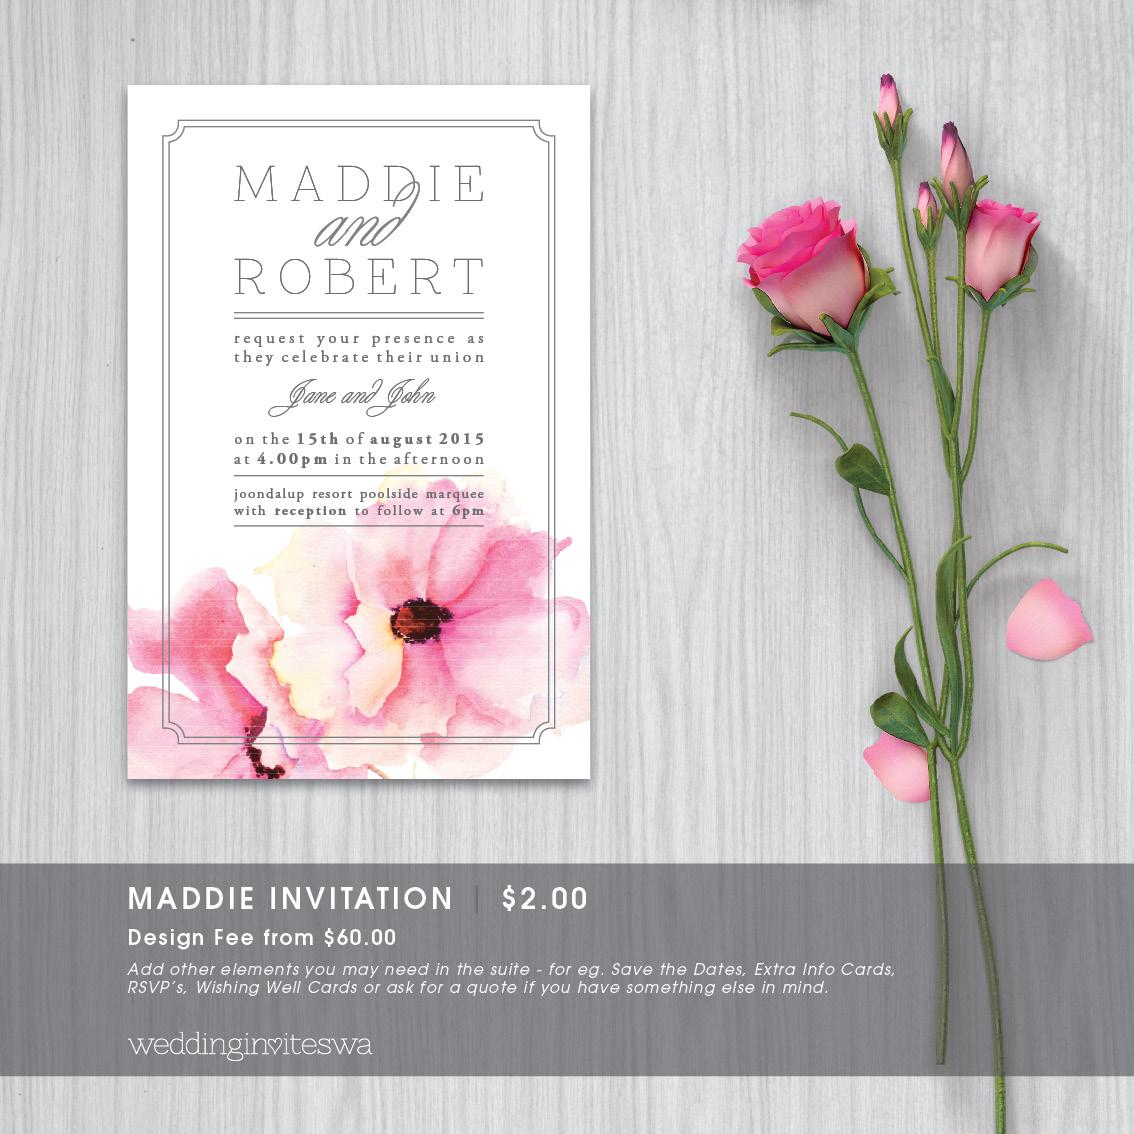 MADDIE_invite